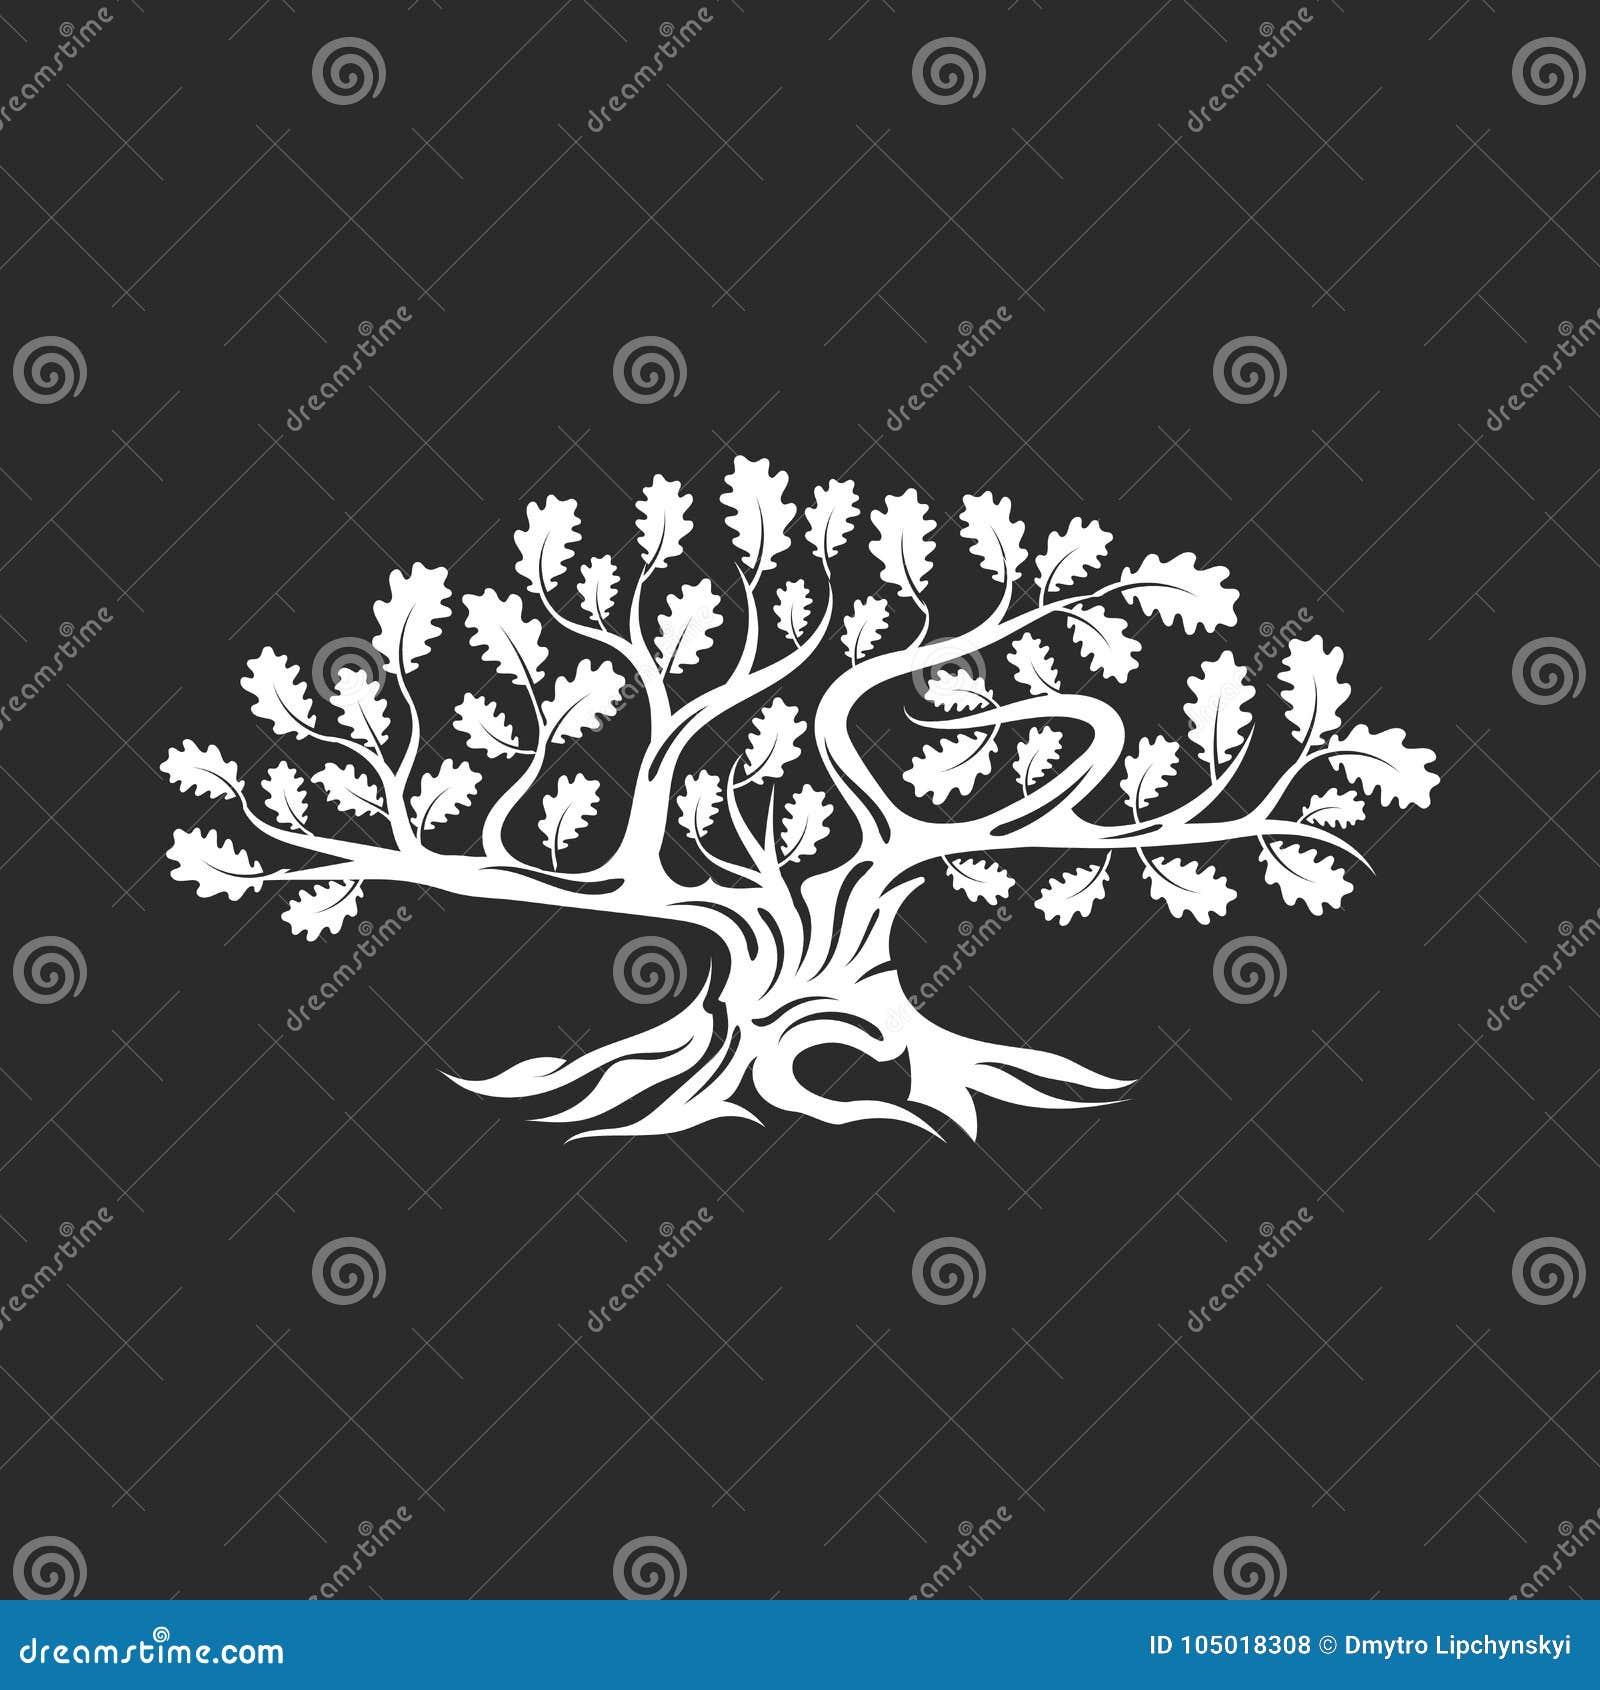 Ogromny i święty dębowego drzewa sylwetki logo odizolowywający na ciemnym tle